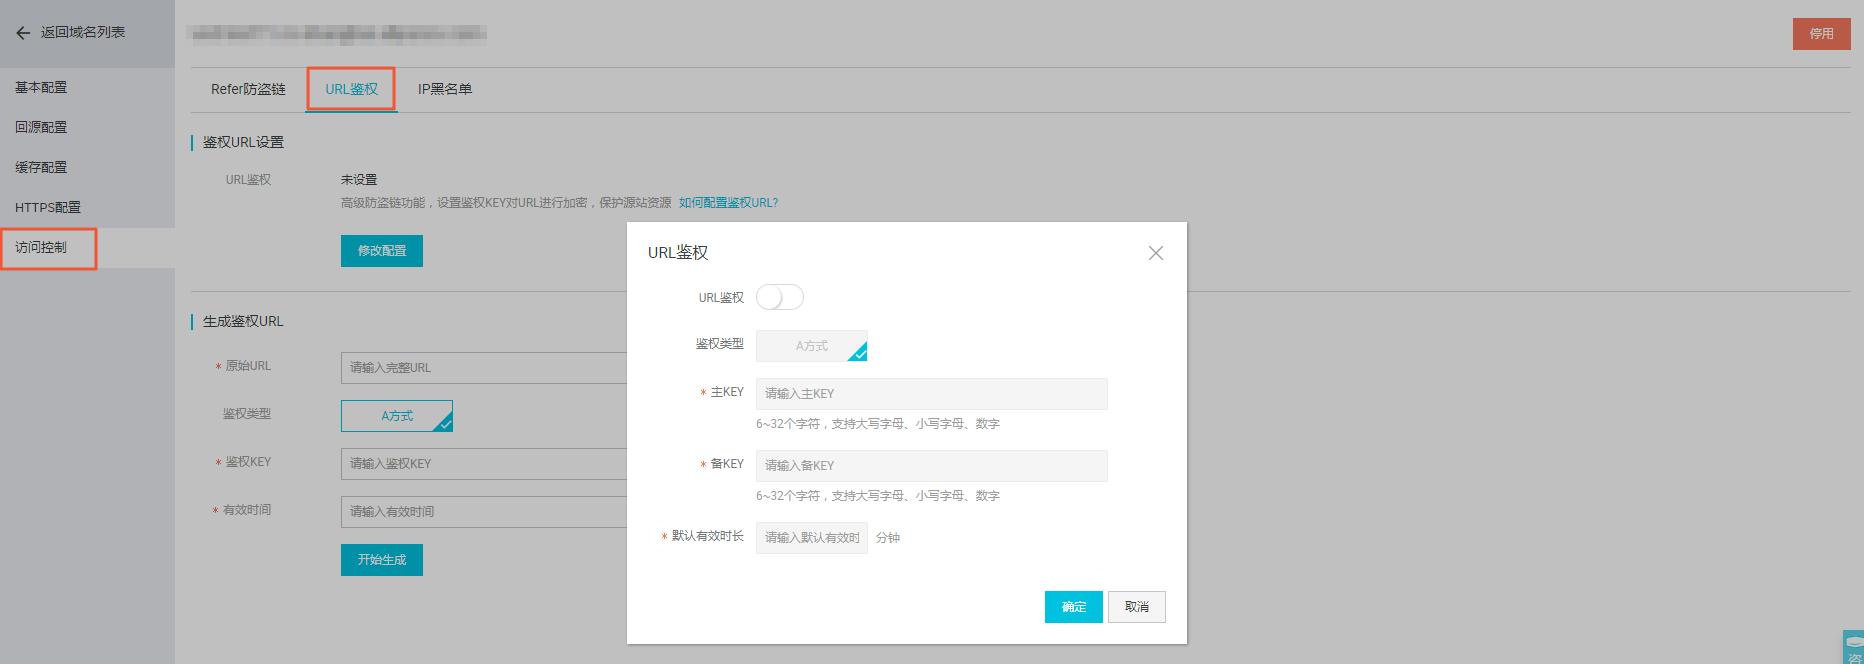 URL鉴权